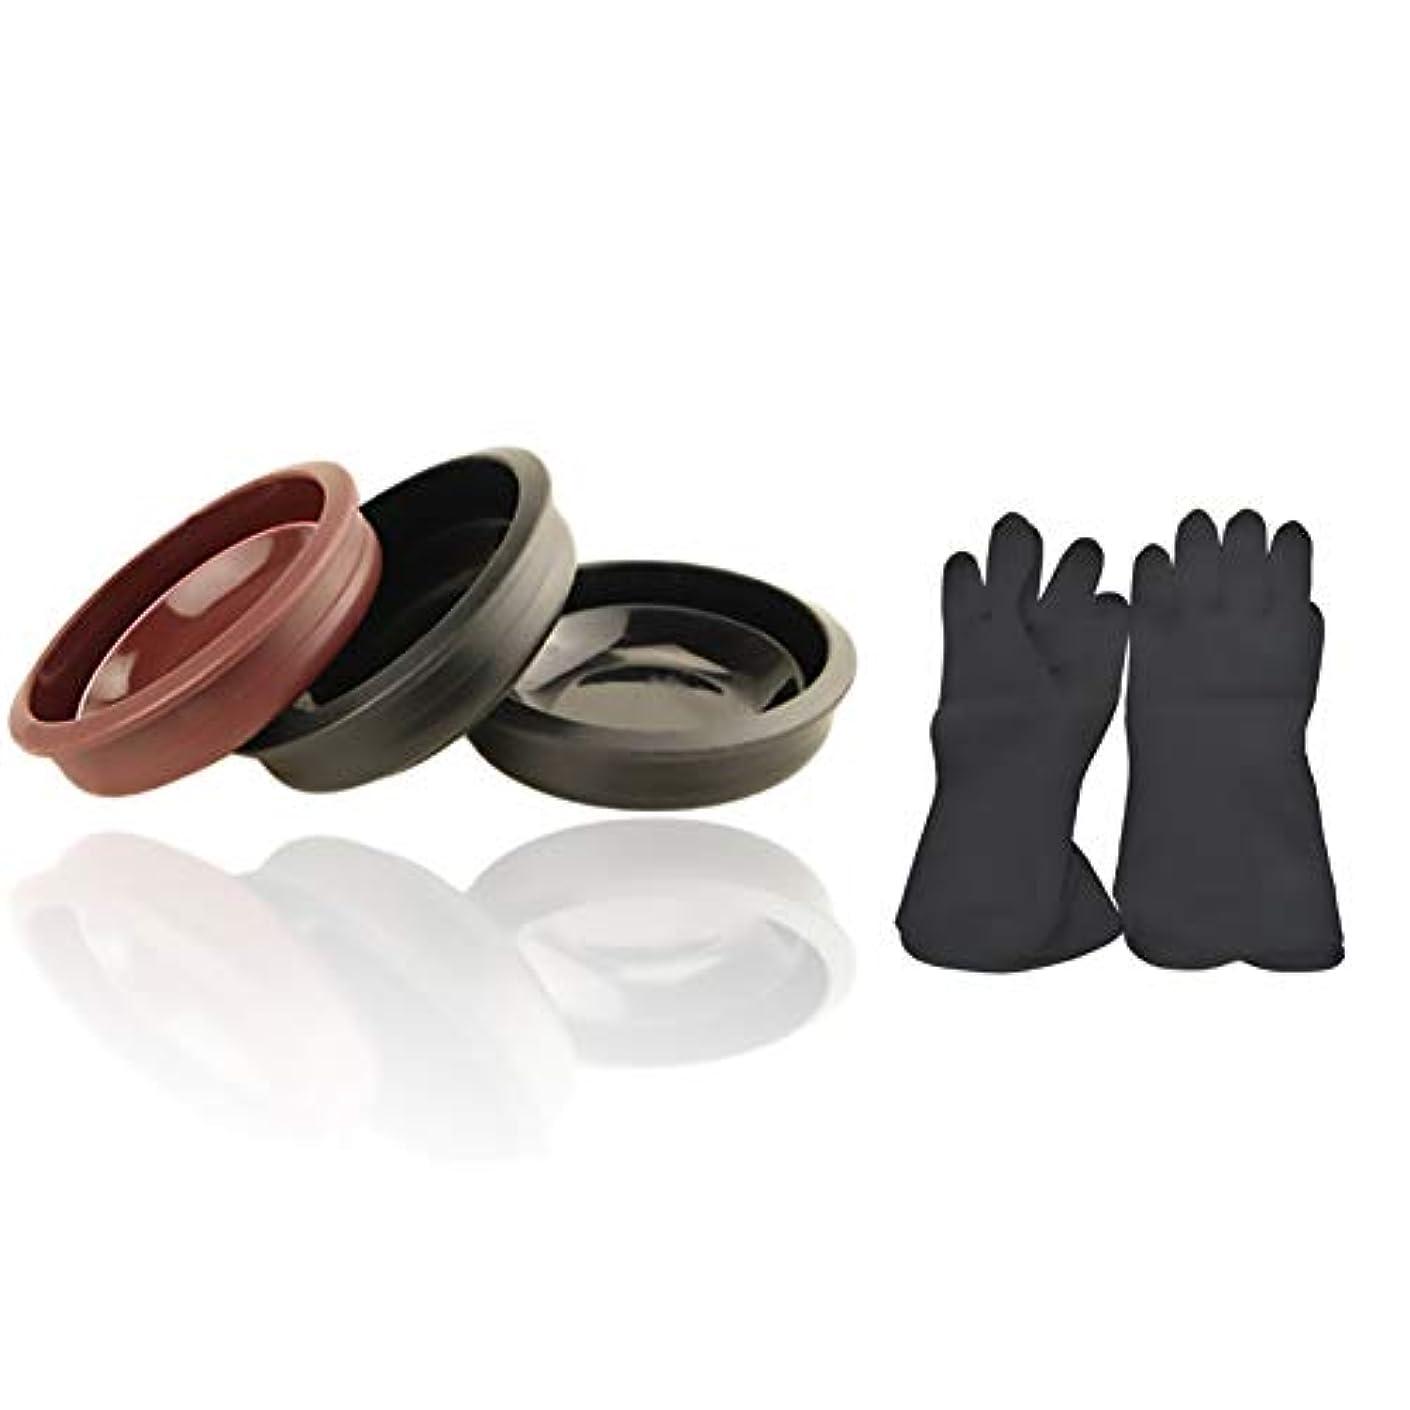 市民最終的に告発者Tofover 3ピースヘアカラーミキシングボウルと20カウントヘアダイ手袋、黒の再利用可能なゴム手袋、ヘアサロンヘア染色のためのプロのヘアカラーツールキット